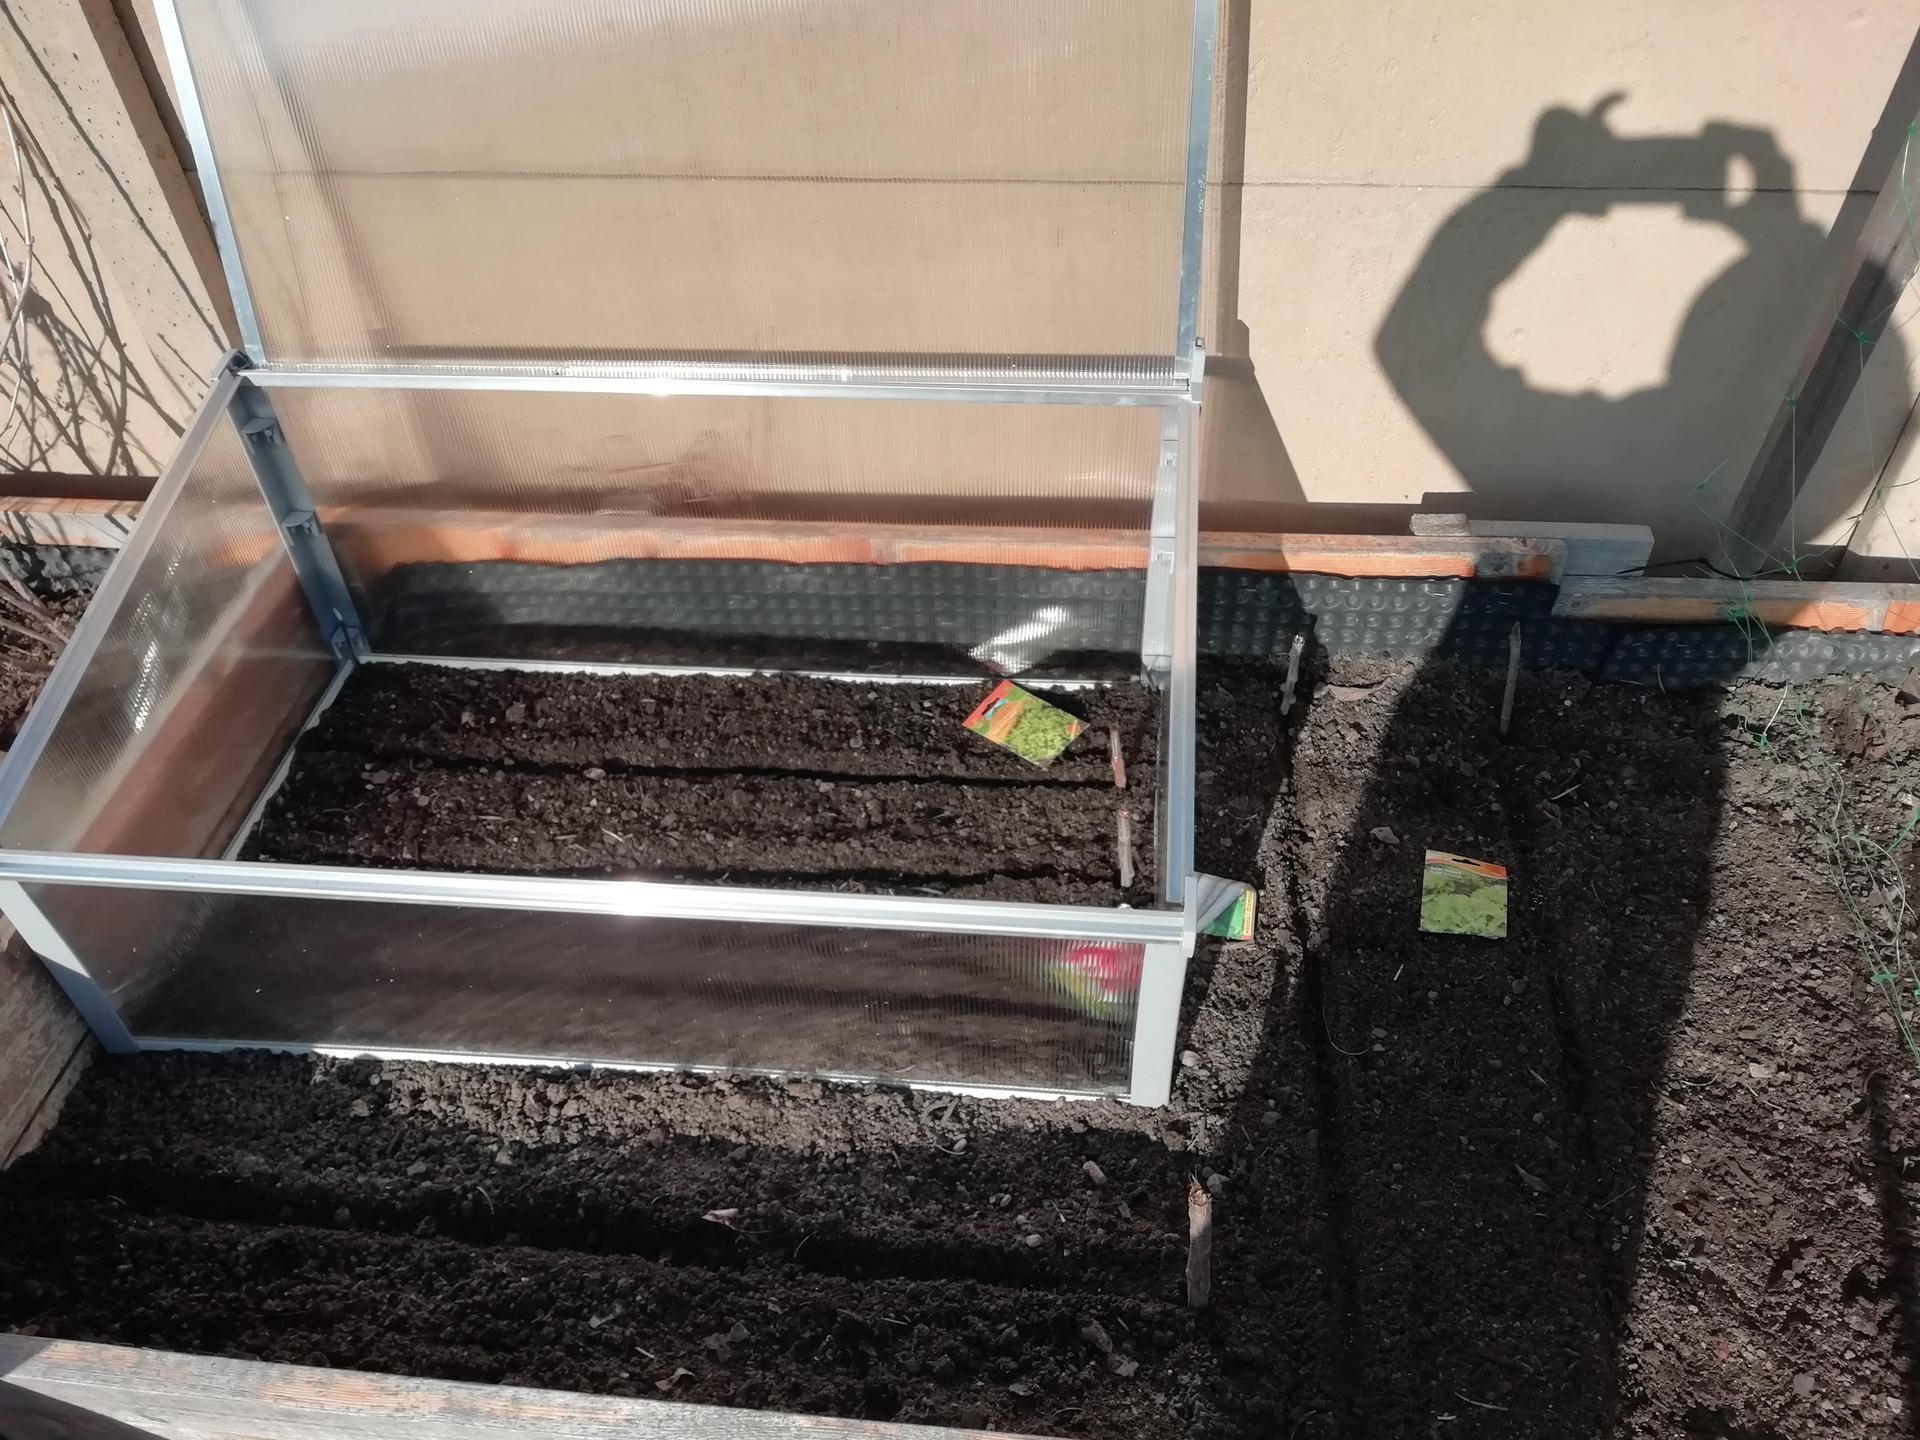 Venku (tam kde už to nevypadá jako staveniště) - zaseto- dovnitř-ředkvičky, salát, petržel, majoránka  a vedle-ředkvičky, salát, hrách, špenát